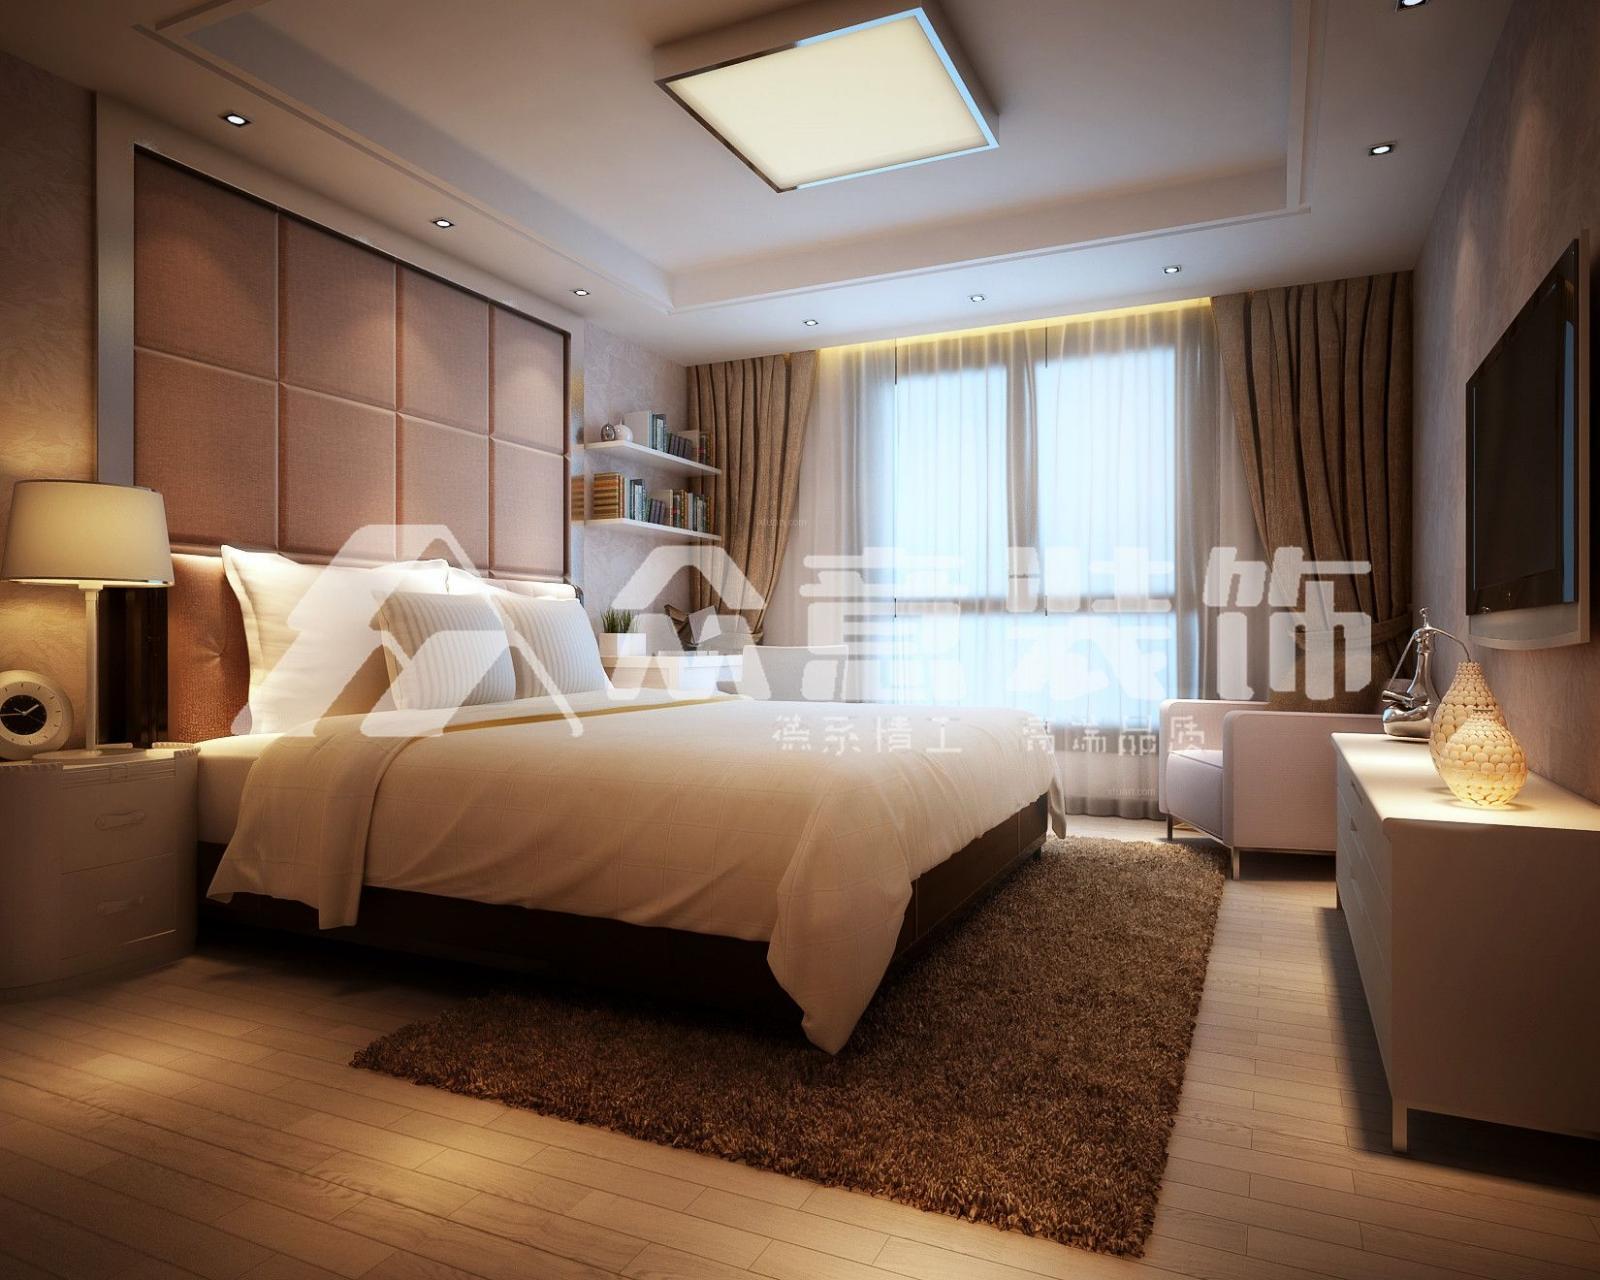 四居室中式风格卧室_城市运动花城160平简中风格装修